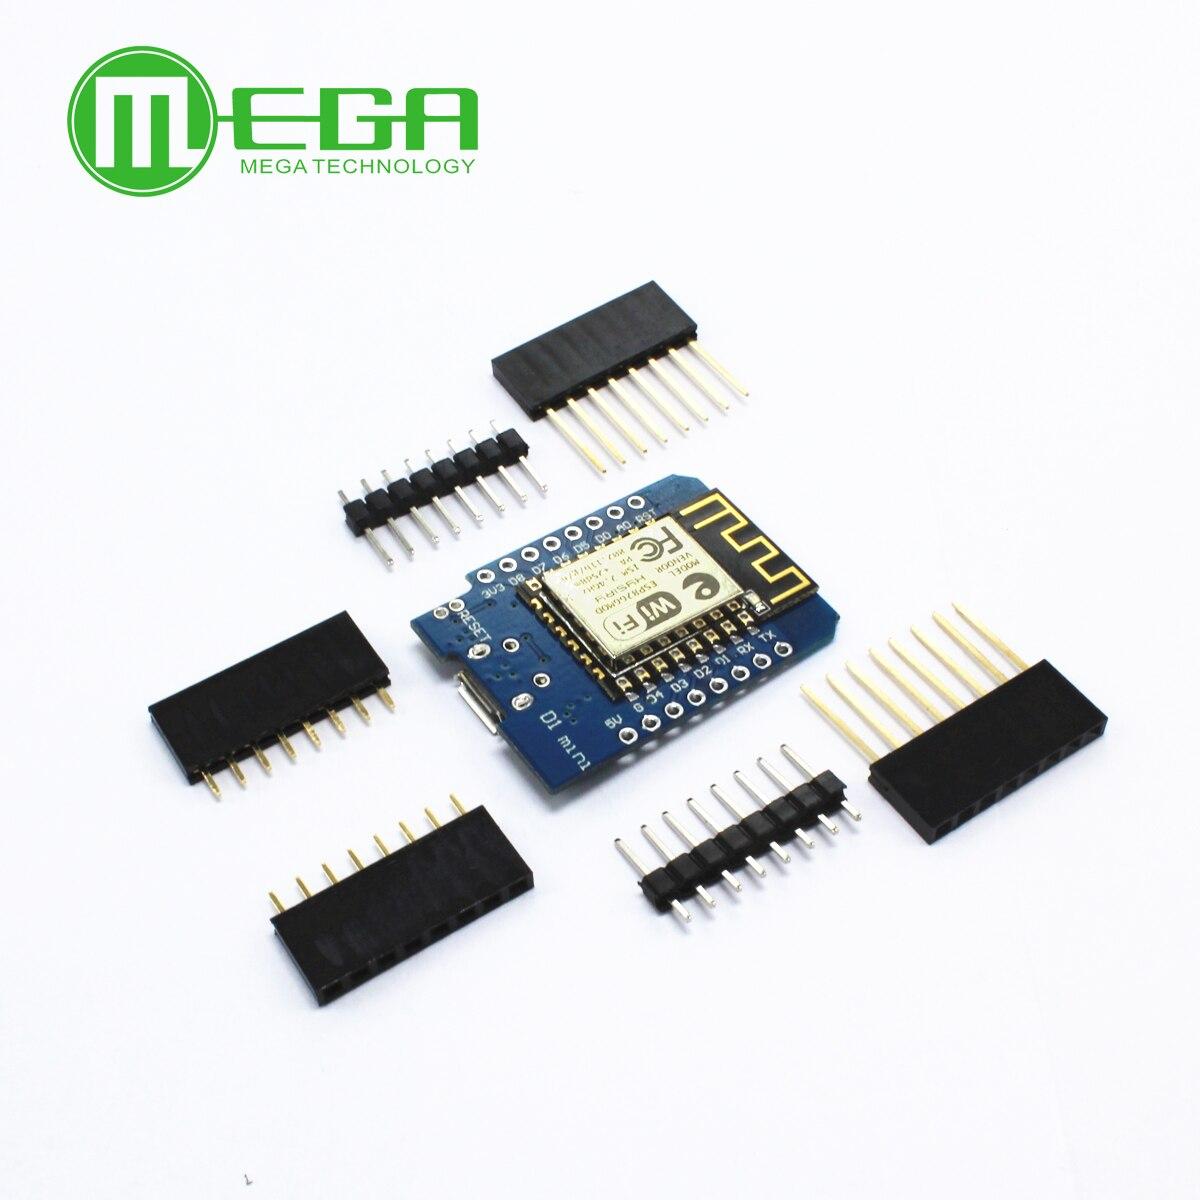 10 шт. D1 mini - Mini NodeMcu 4 м байты Lua WIFI Интернет вещей макетная плата на основе ESP8266